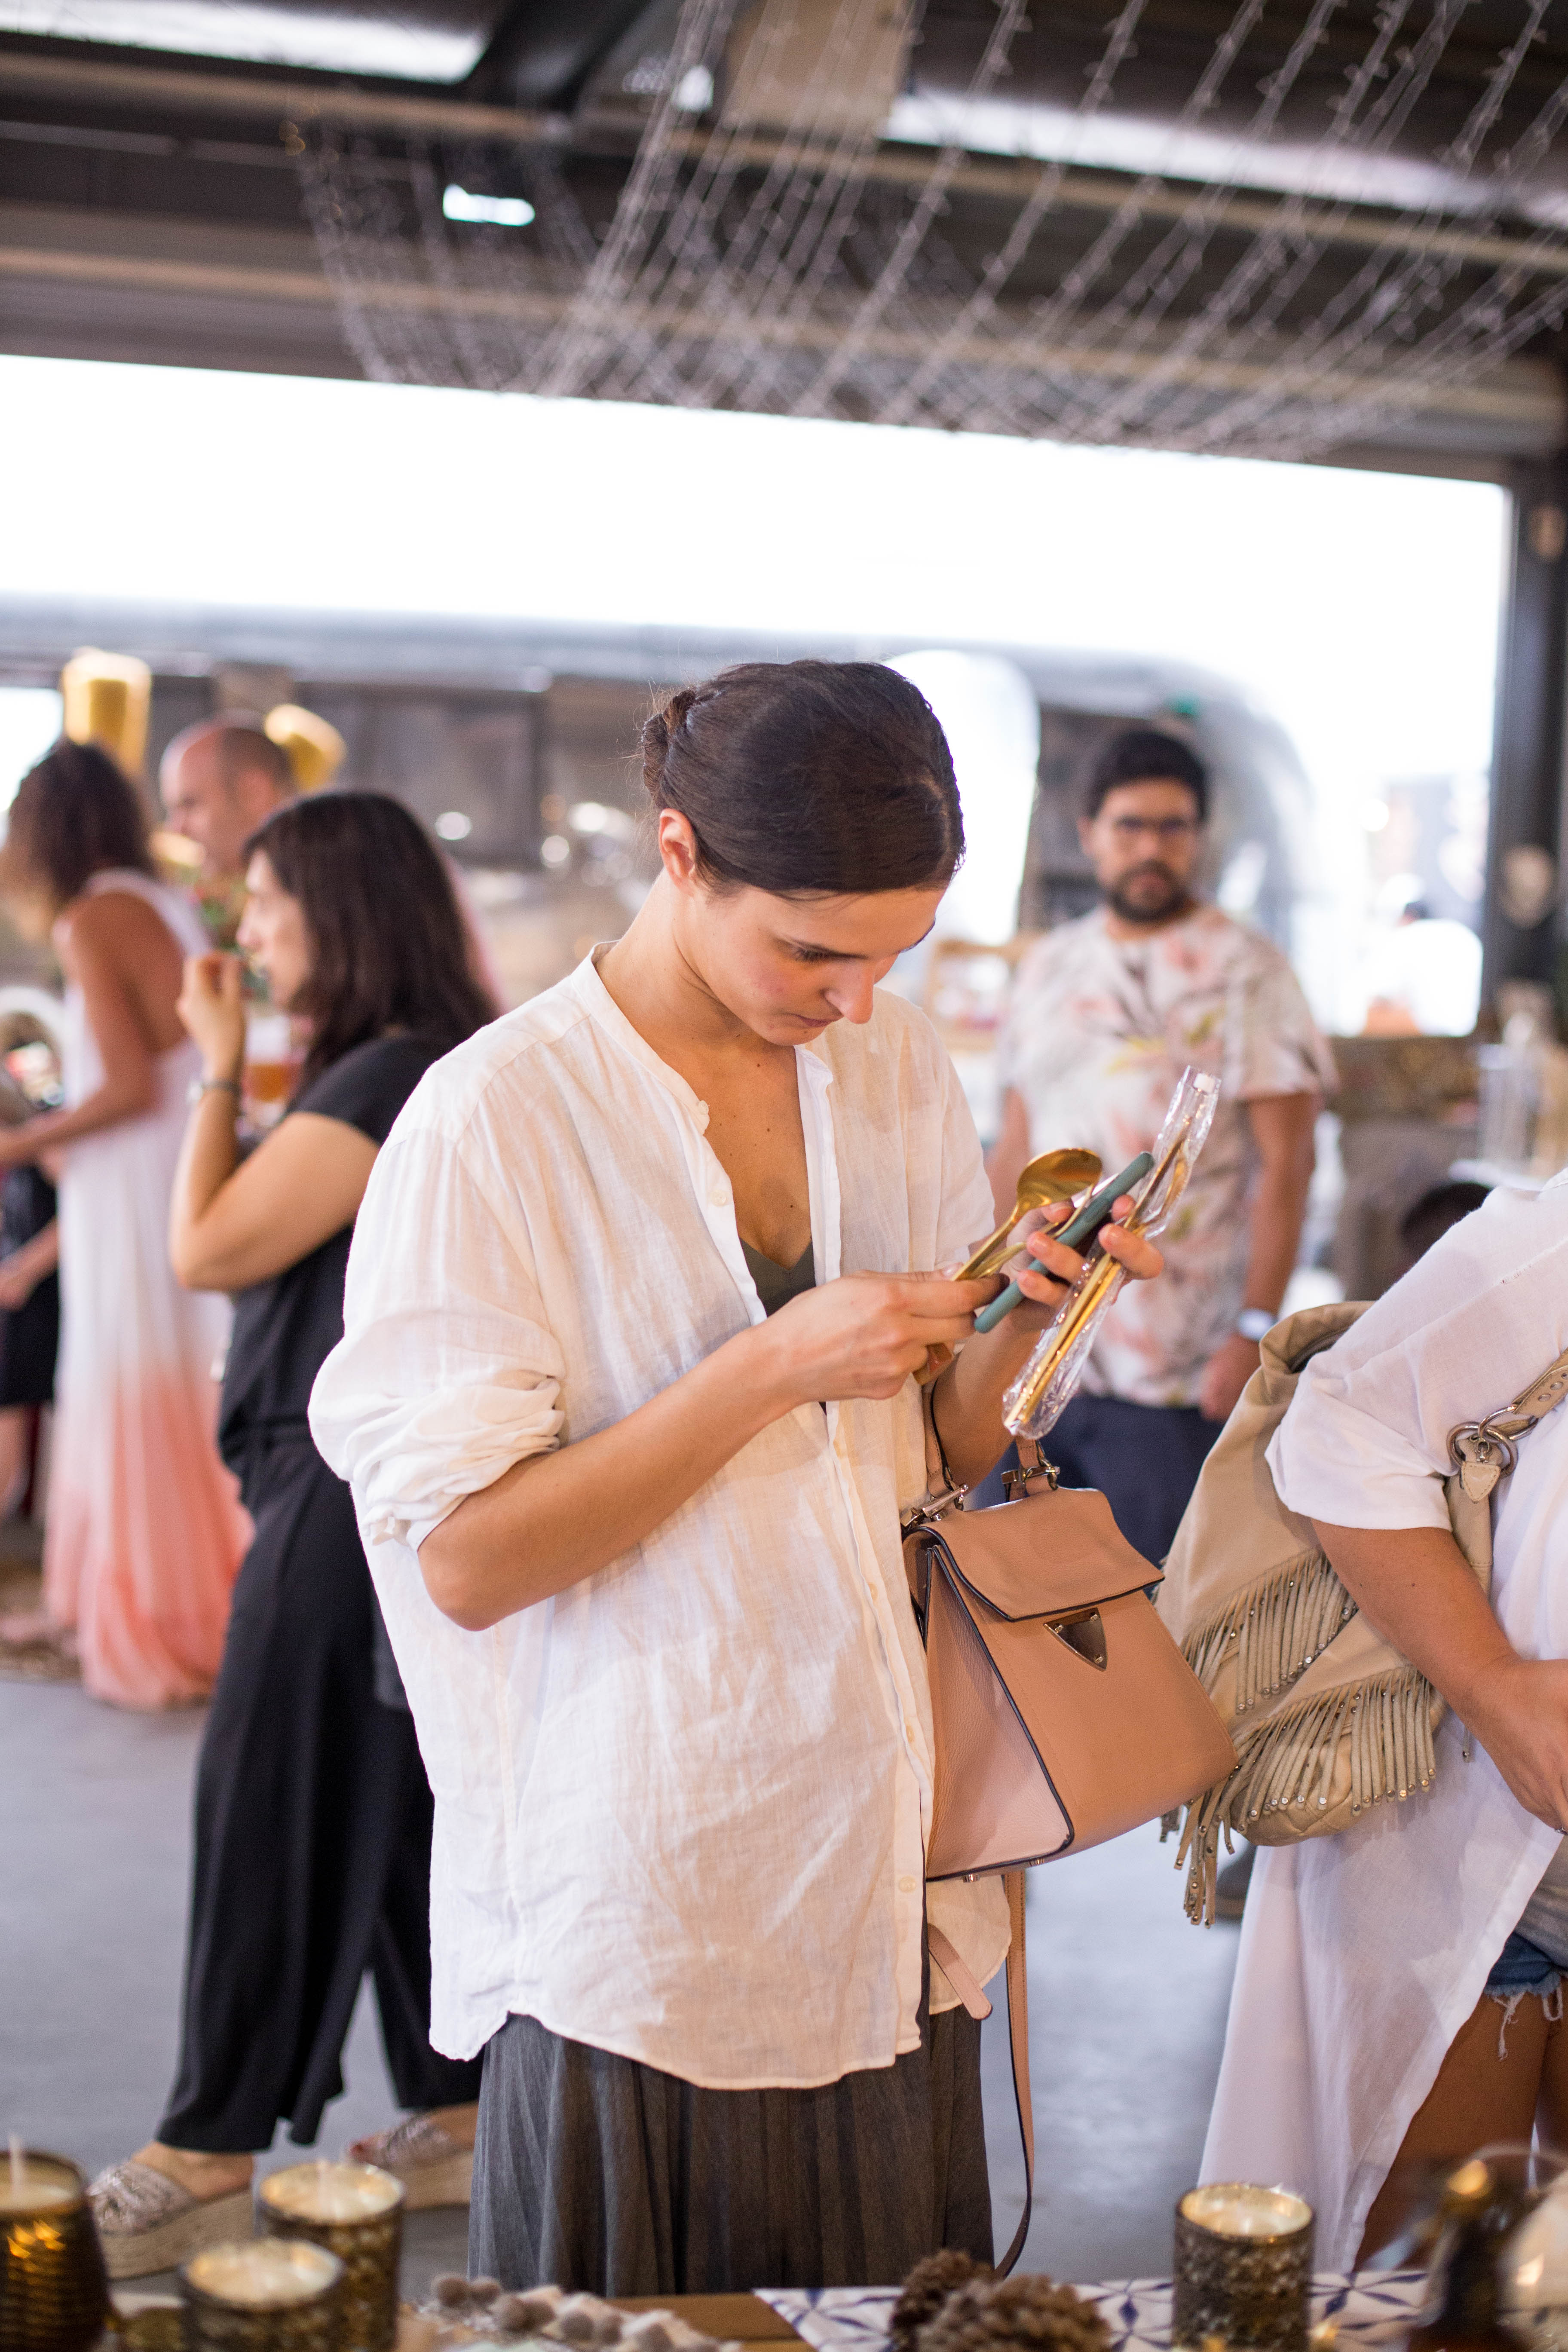 En este festival se pudo visitar un área destinada a la espiritualidad y a la limpieza energética con emprendedores que ayudan a las personas a reconectarse